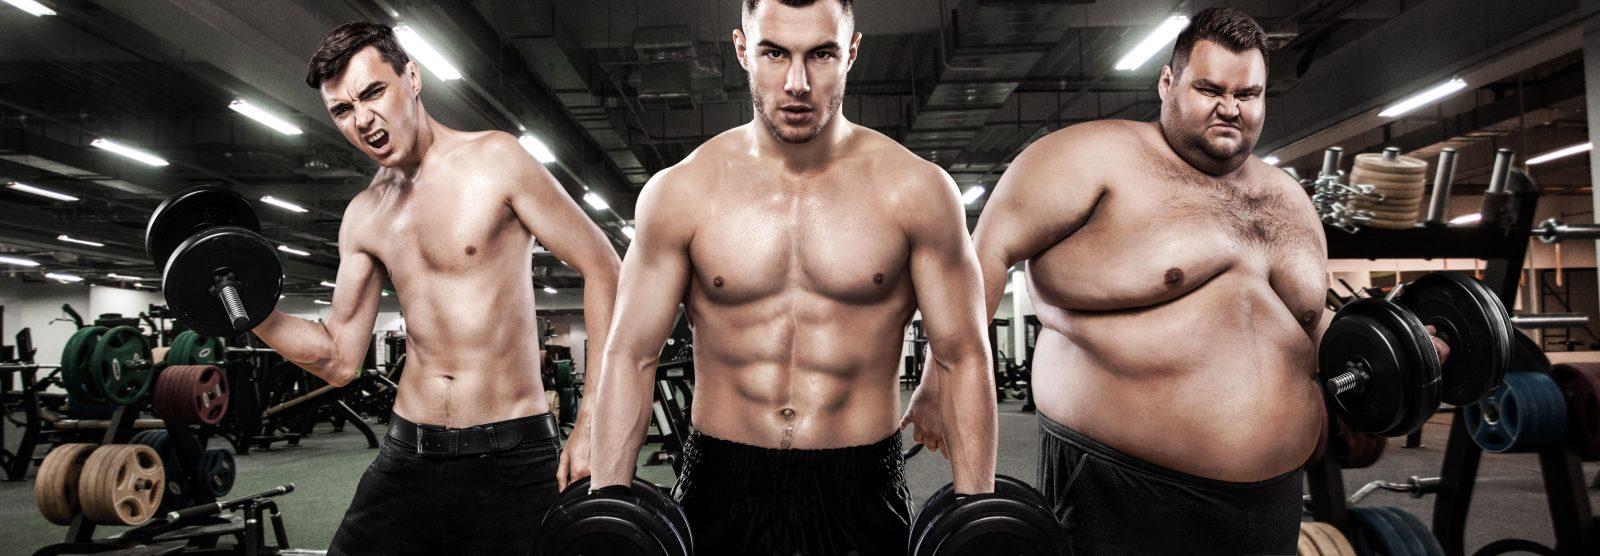 Zsírégető és állóképességet növelő táplálékkiegészítők hatása a testedre, Zsírégető szerv